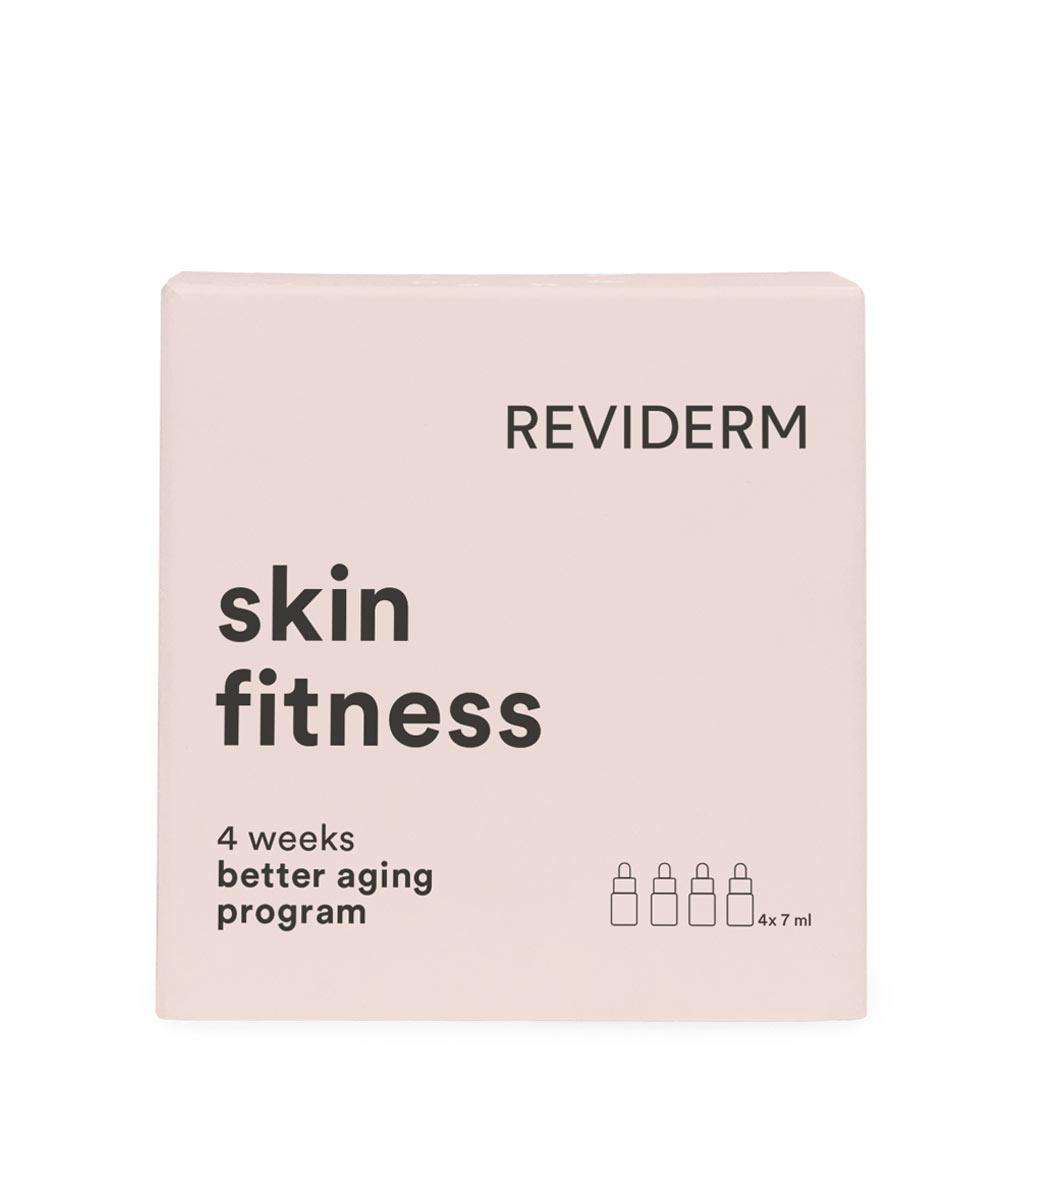 skin fitness better aging program